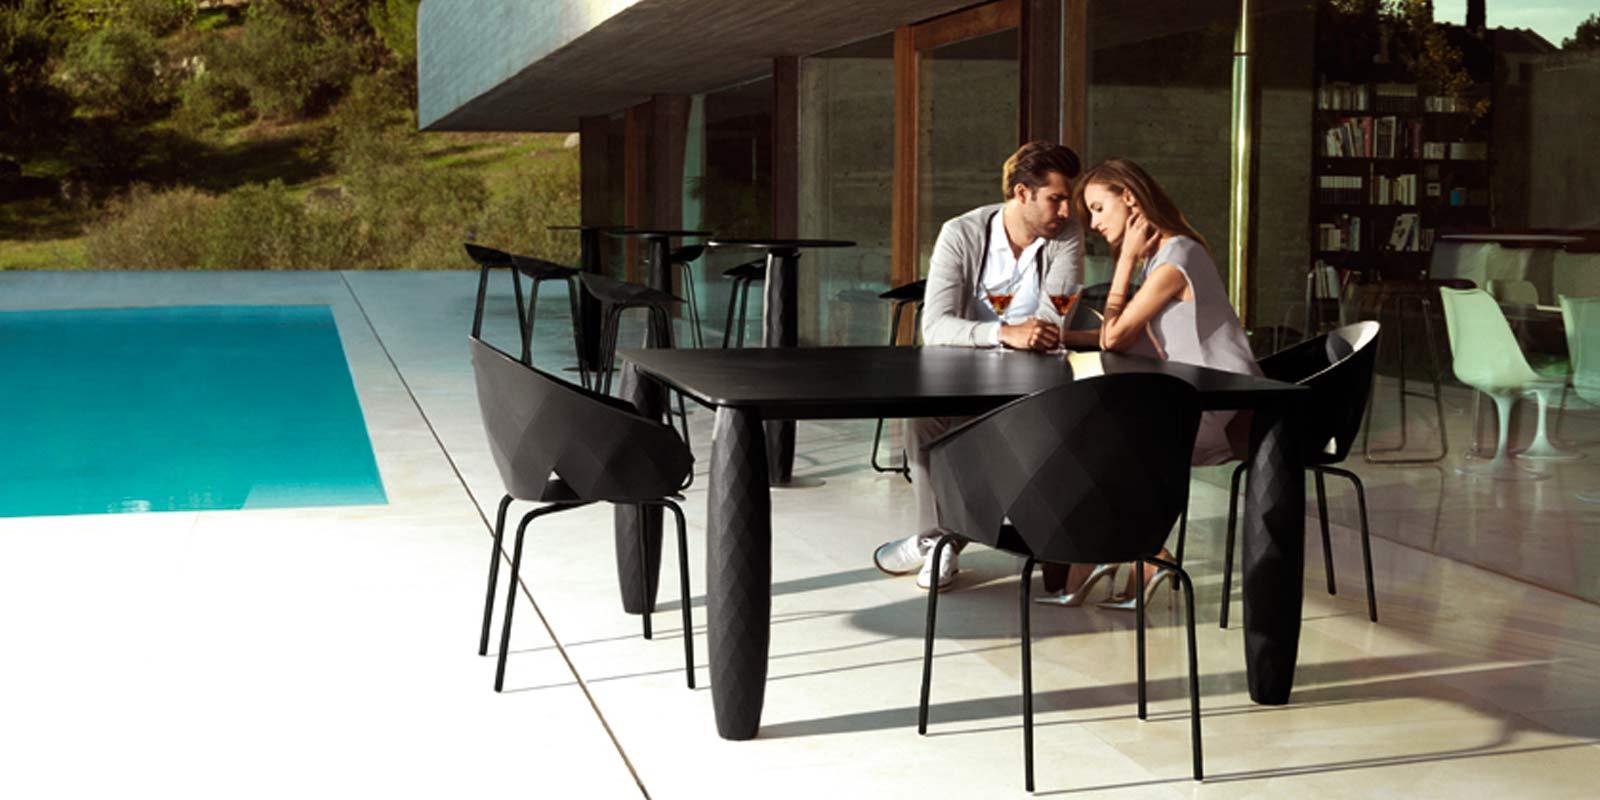 VONDOM-muebles-exterior-diseño-mesas-sillas-vases-jmferrero-estudihac-vondom_(3)